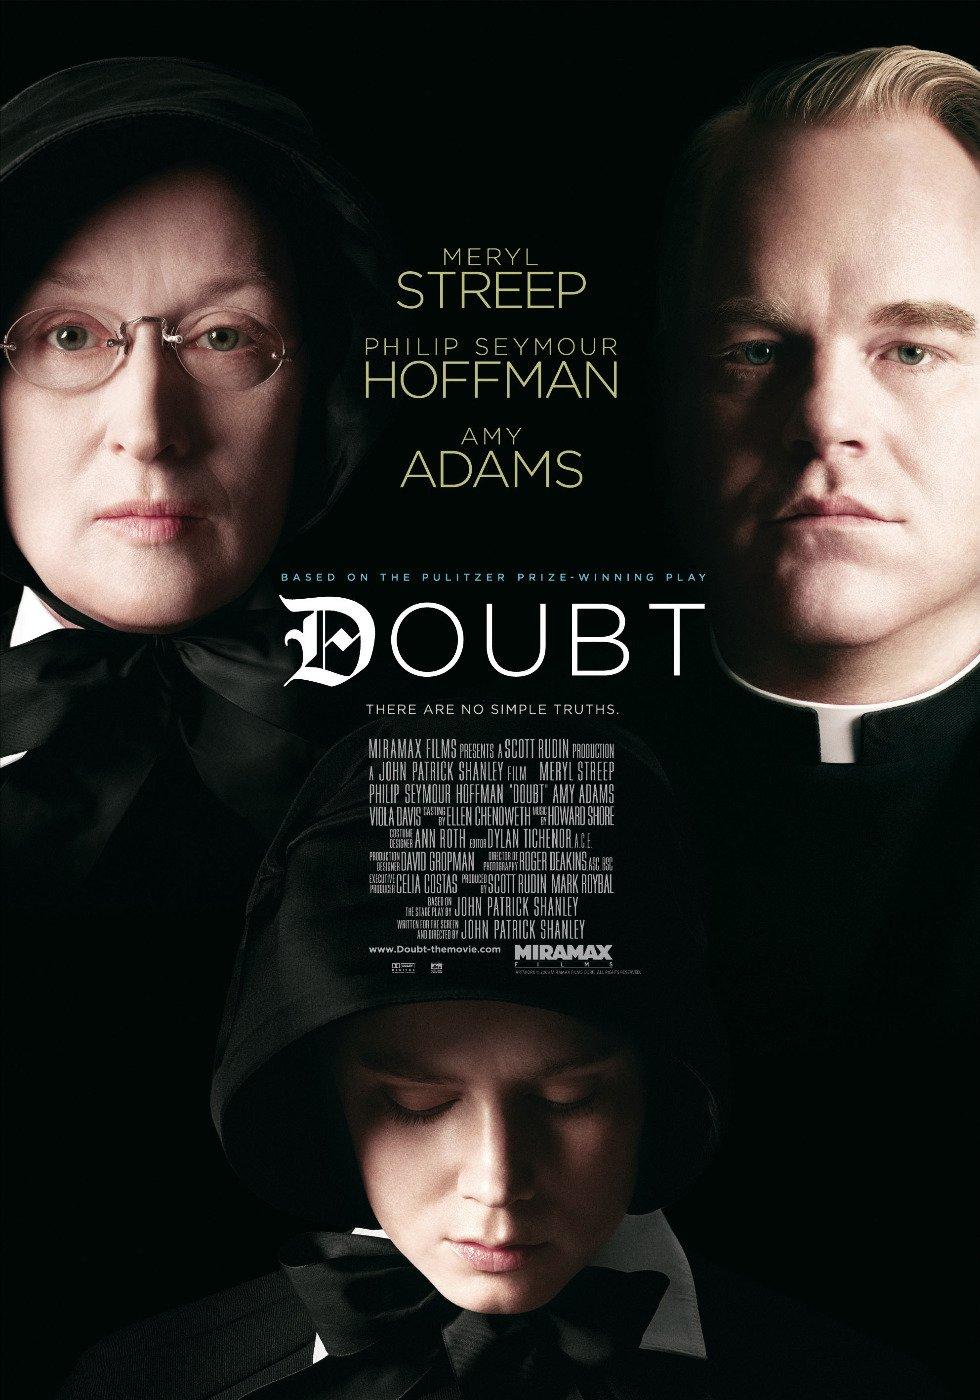 Doubt (2008) poster - FreeMoviePosters.net